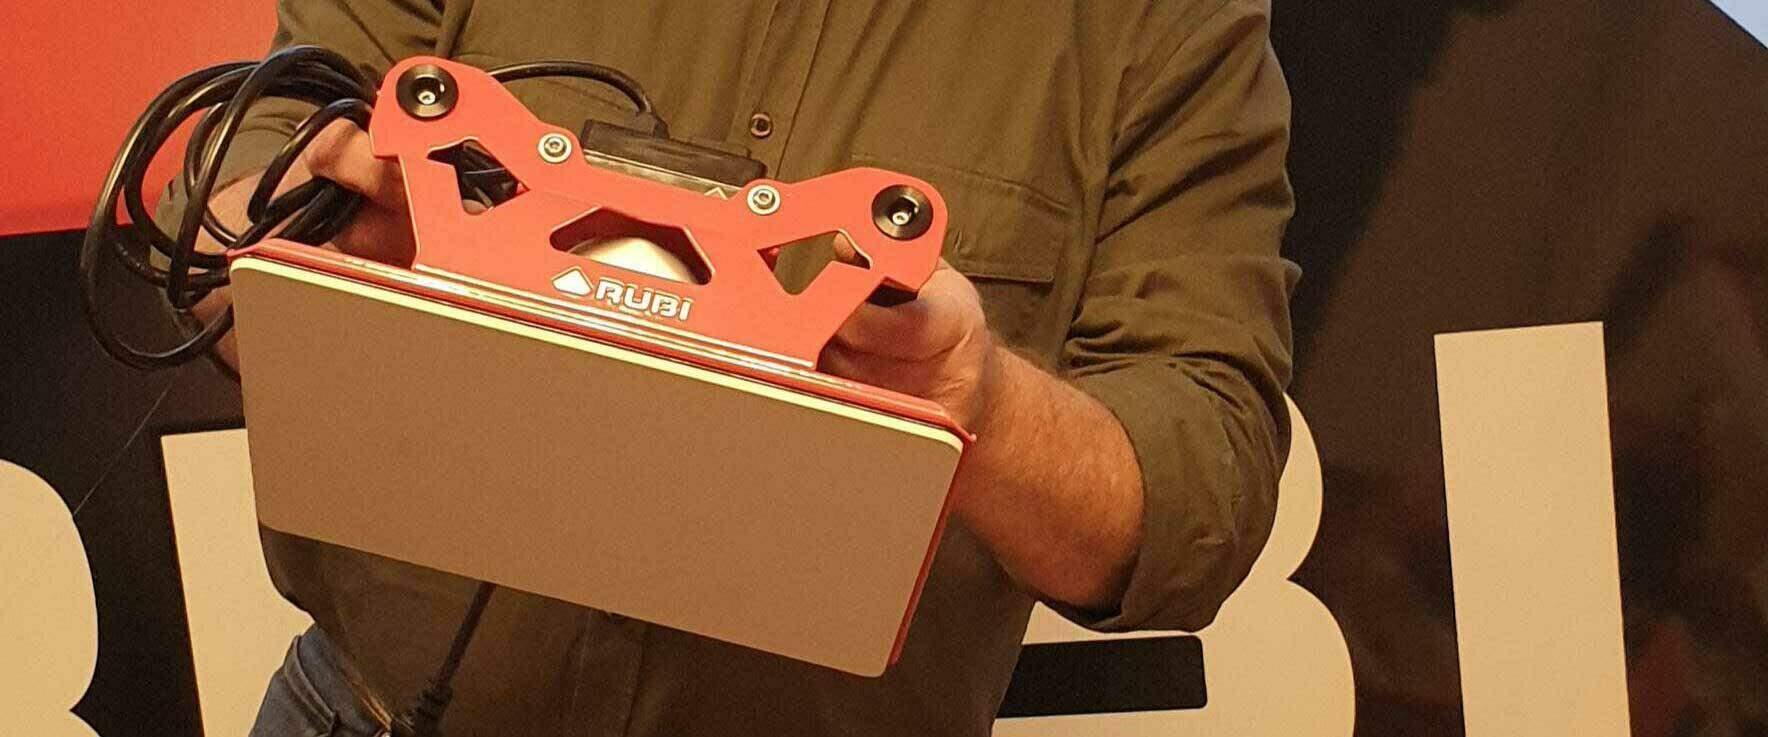 De RUBI TRILLER is de nieuwe elektrische tegelklopper van RUBI voorgesteld door Bert